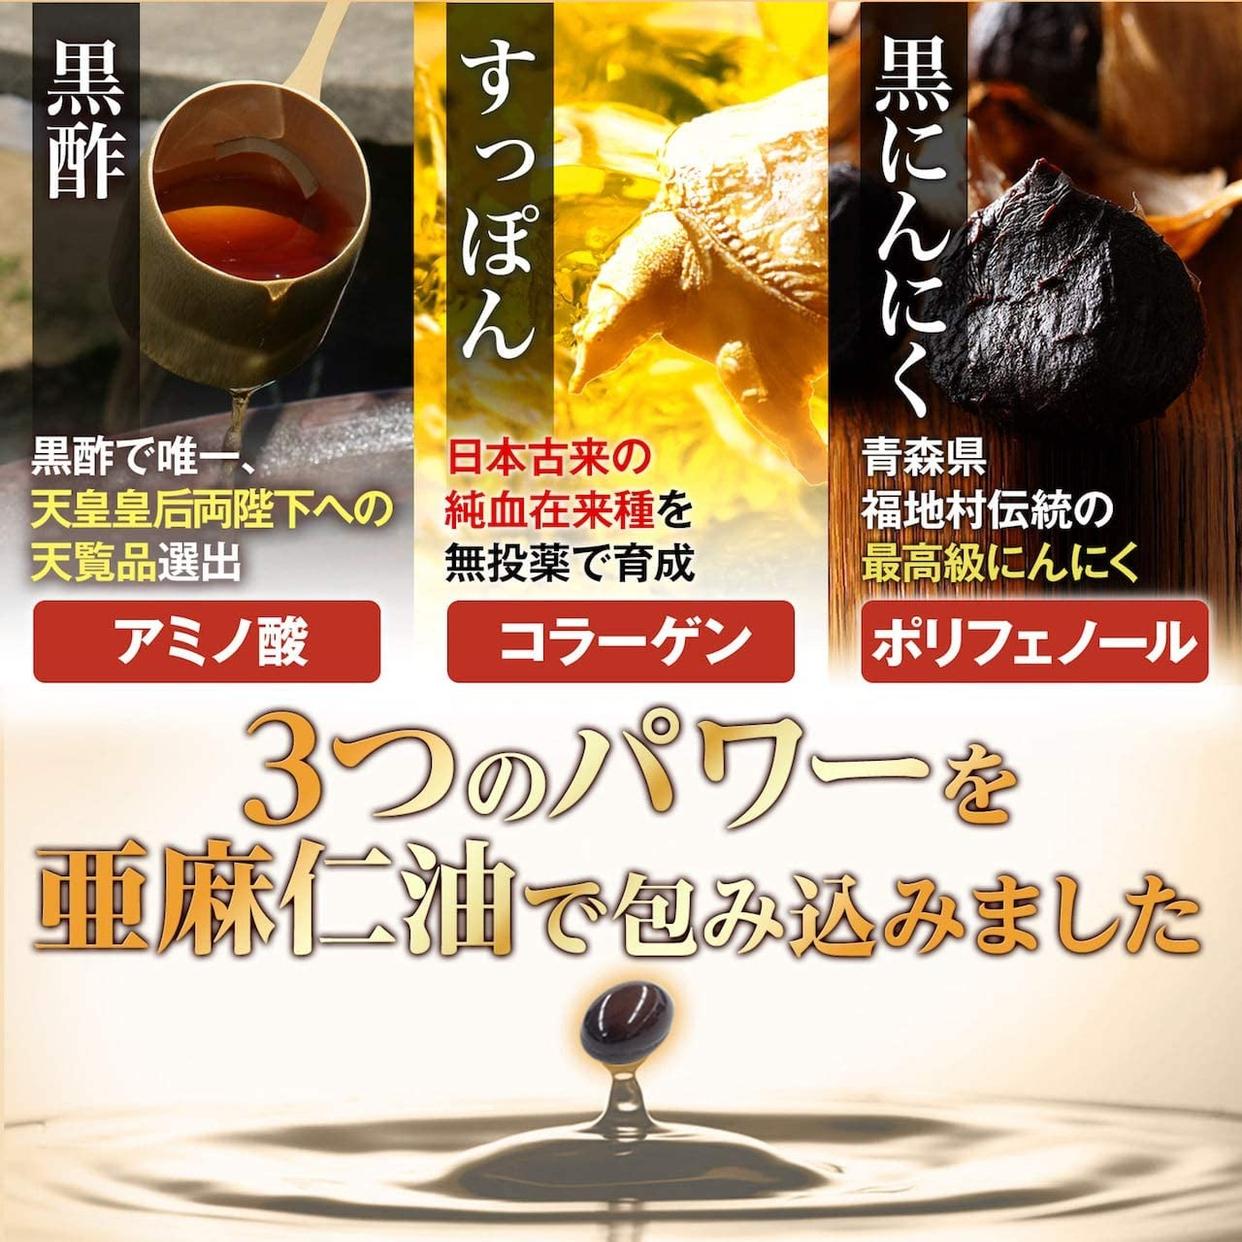 プロスポーツ出版(プロスポーツシュッパン) 国産 命のすっぽん黒酢の商品画像2